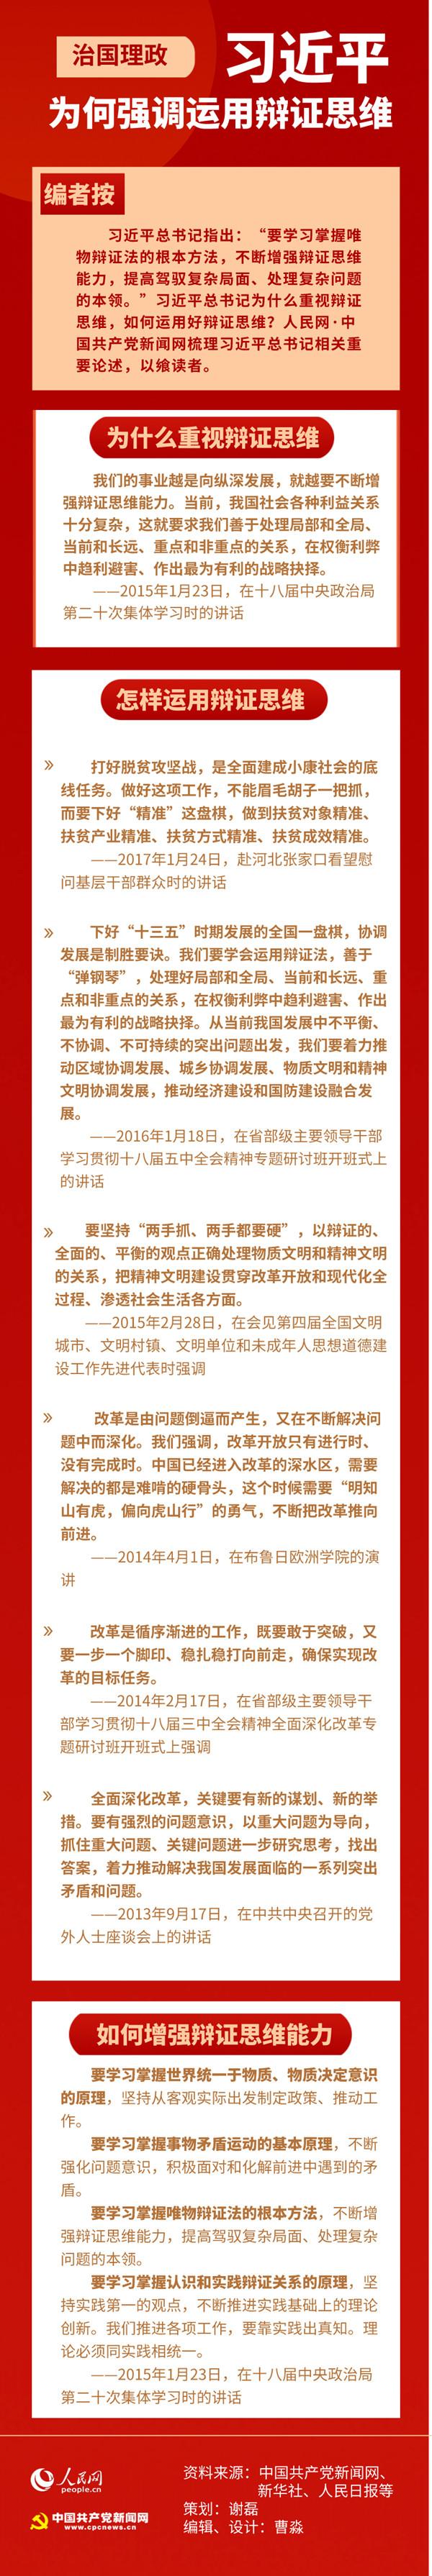 唐河县滨河街道:畜牧防疫 助力脱贫攻坚